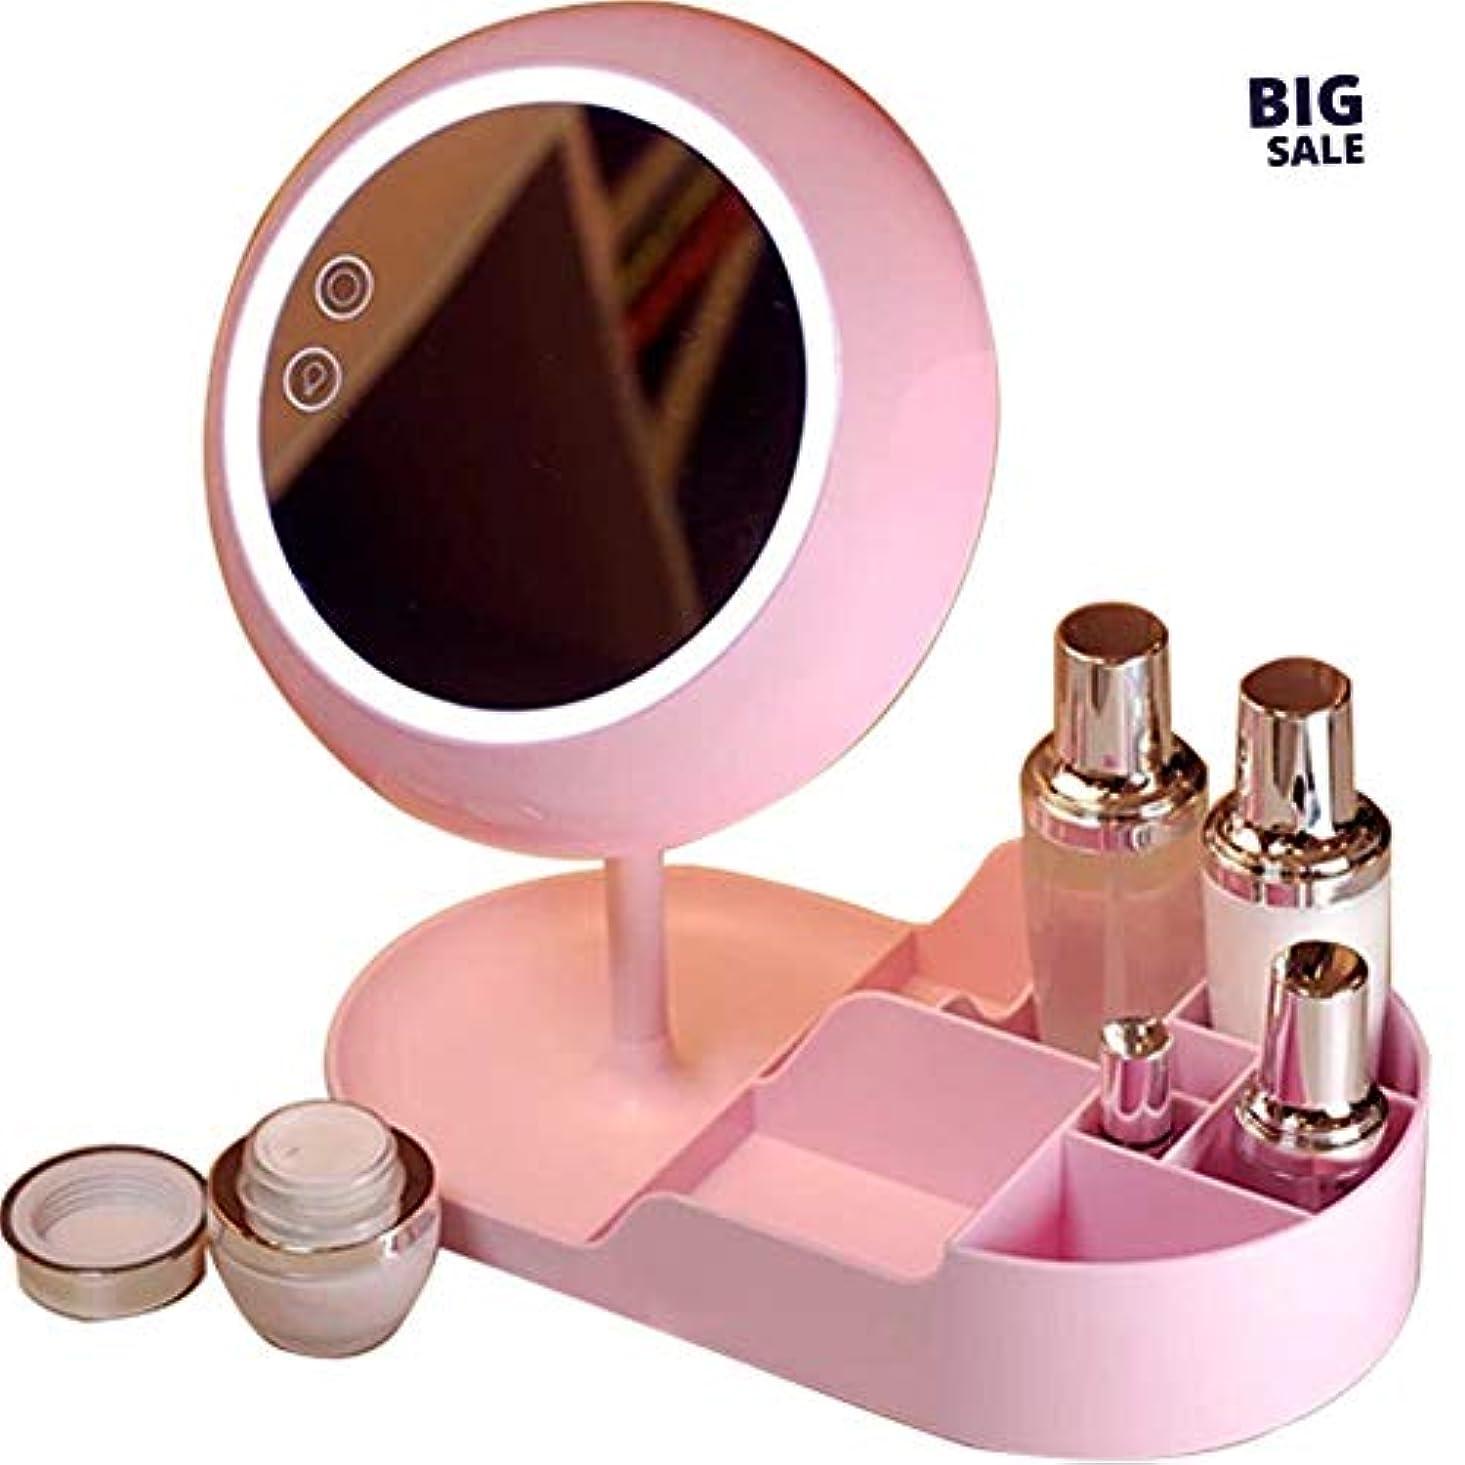 ミシン目彼女罰NICEE創造的な化粧鏡充電式美容化粧鏡、タッチデュアル電源、化粧品収納ボックス化粧鏡NICEY